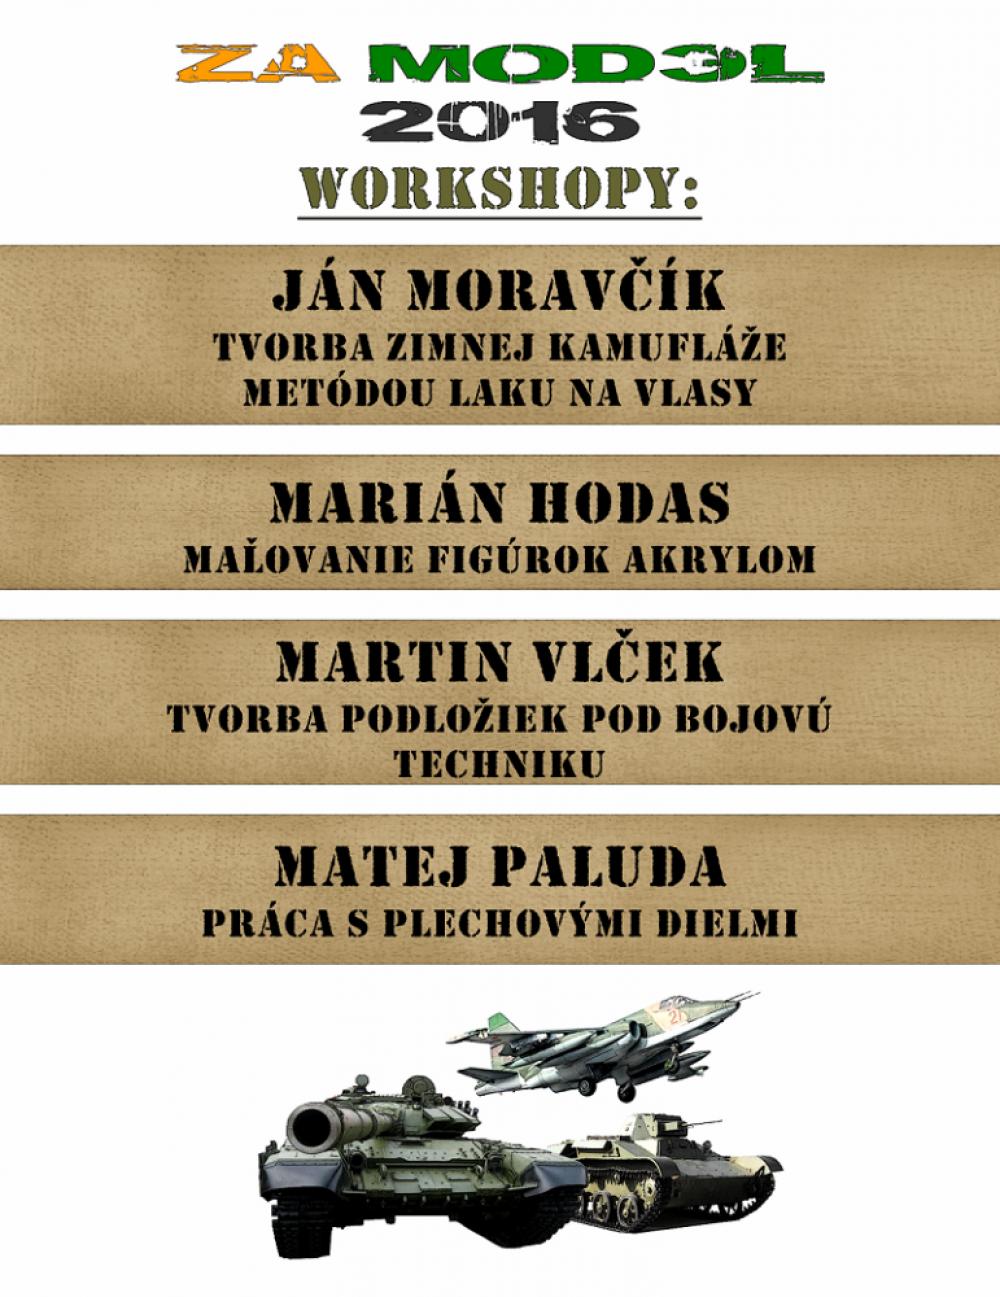 Pozvánka na 1. ročník výstavy a súťaže plastikových a papierových modelov, foto 3